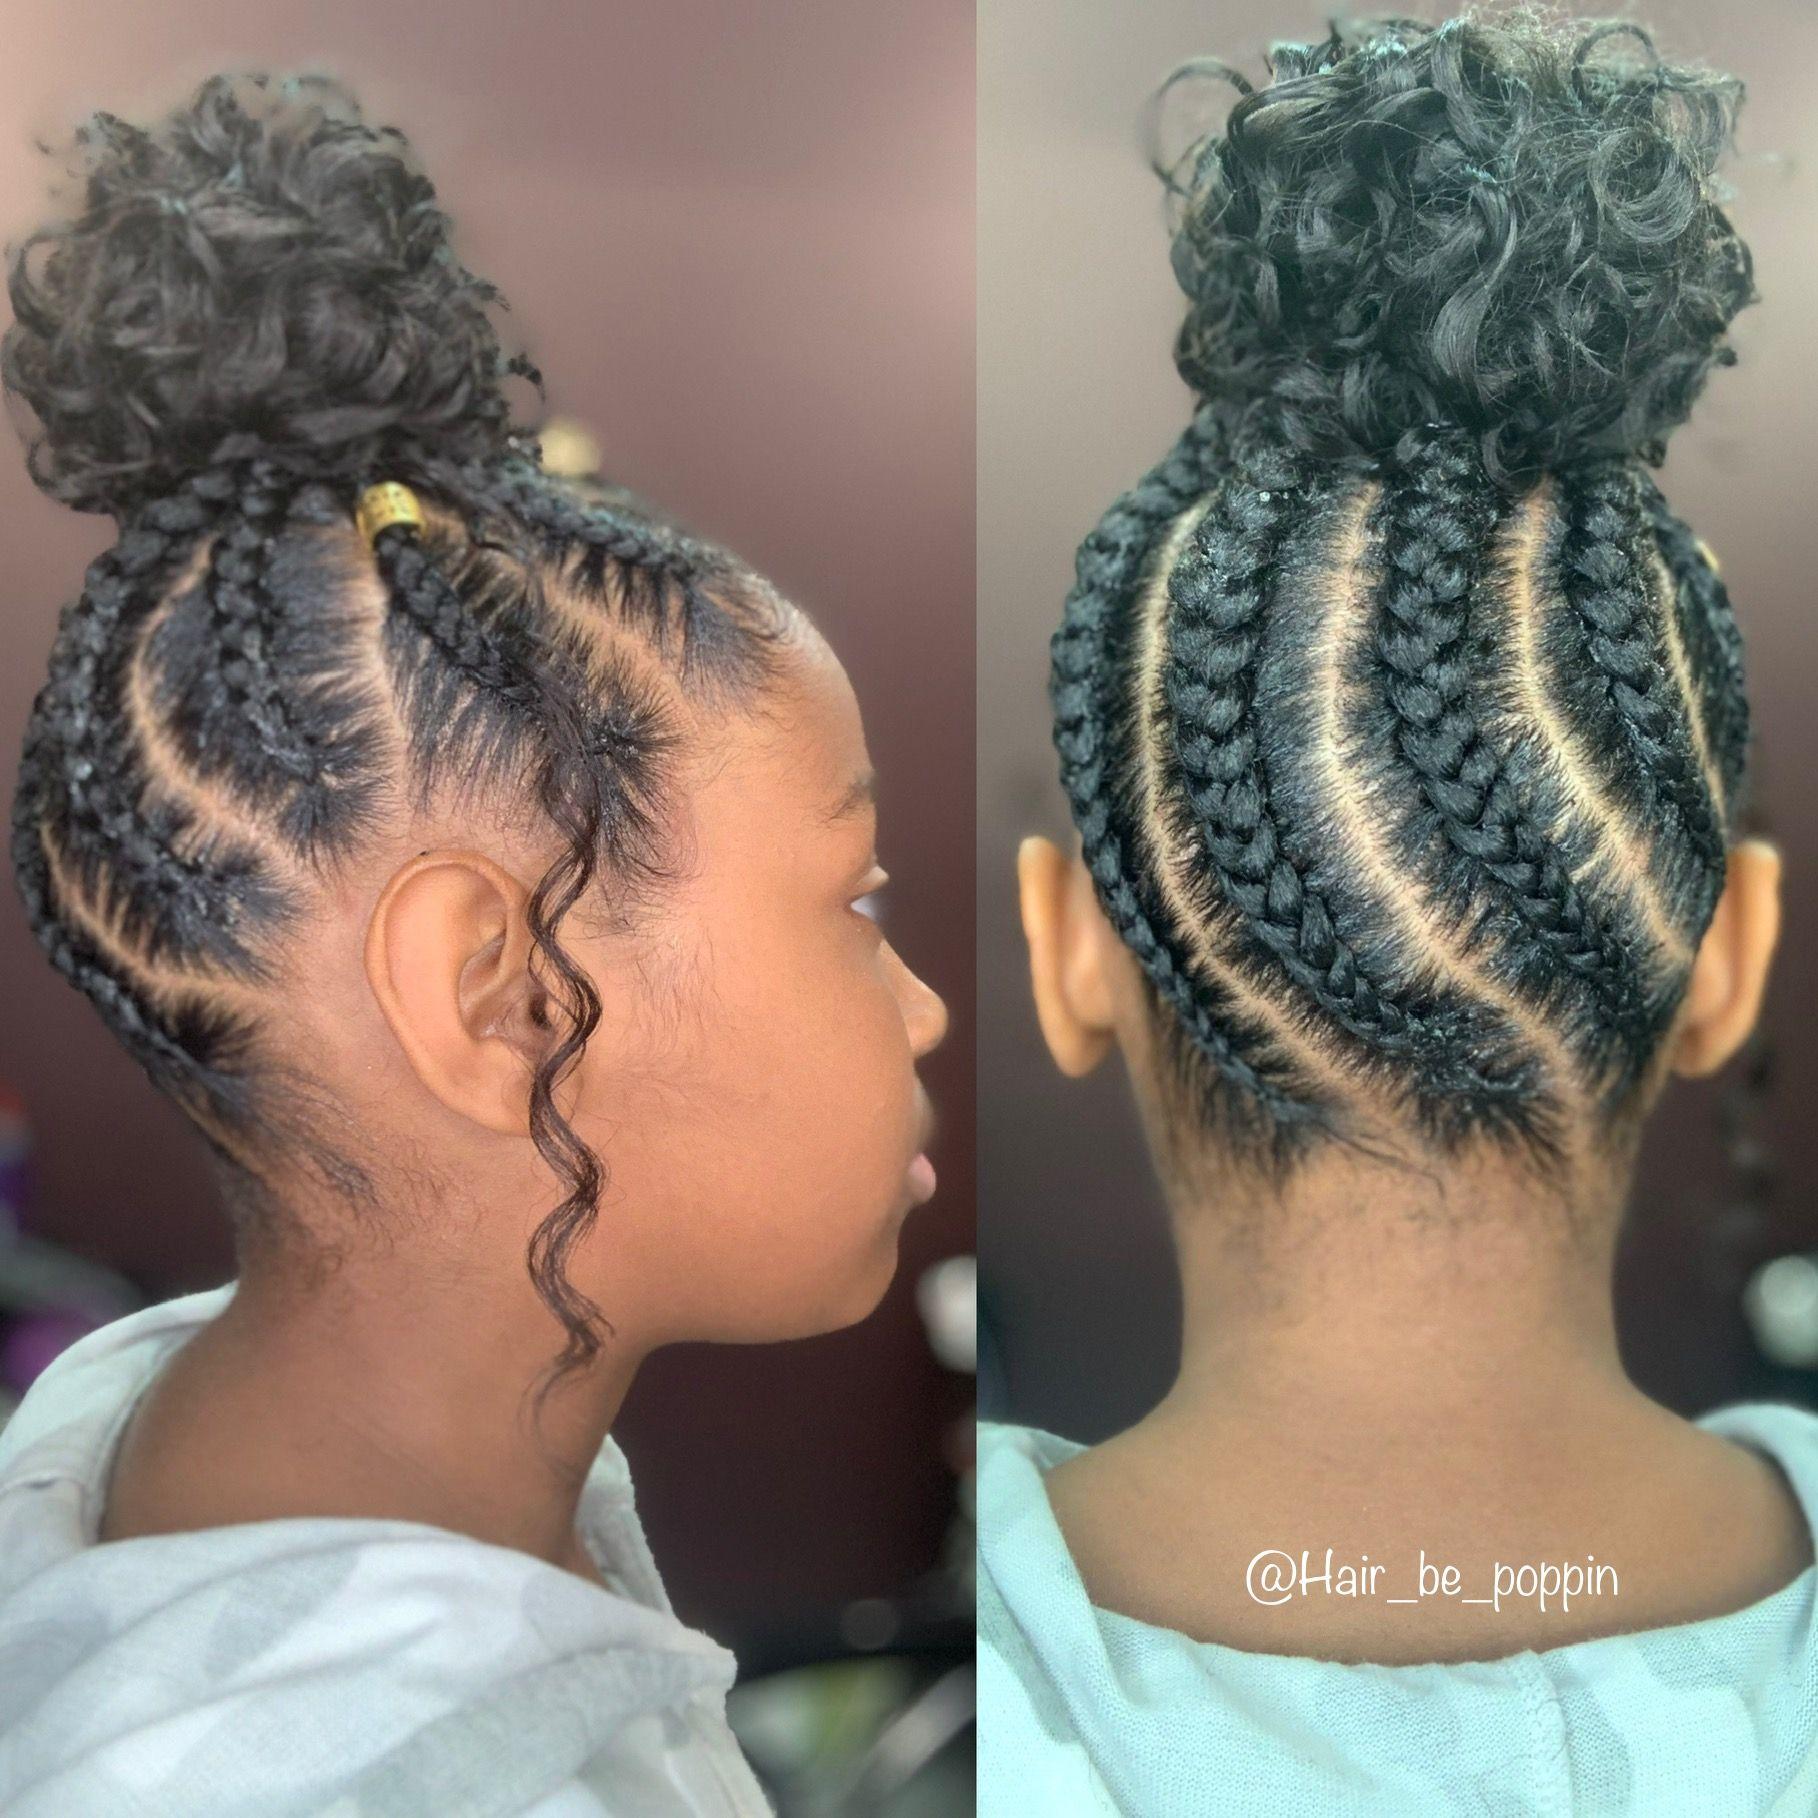 Services Hair Be Poppin Beauty Can Braid Triangle Box Braids Mermaid Hair